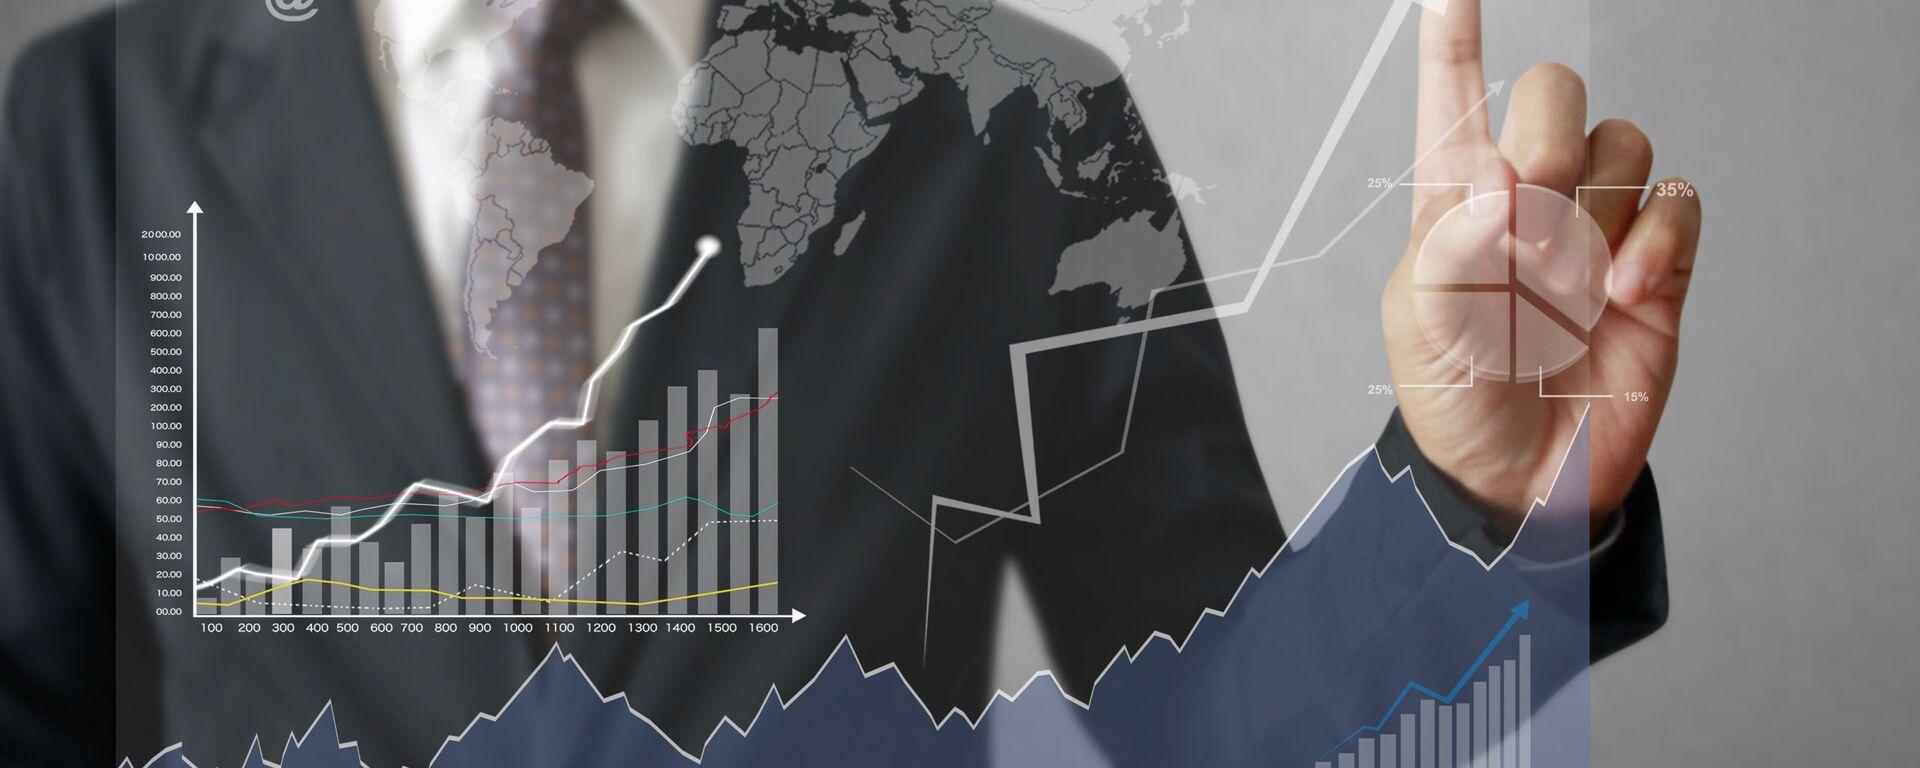 economia grafico - Sputnik Italia, 1920, 01.02.2021